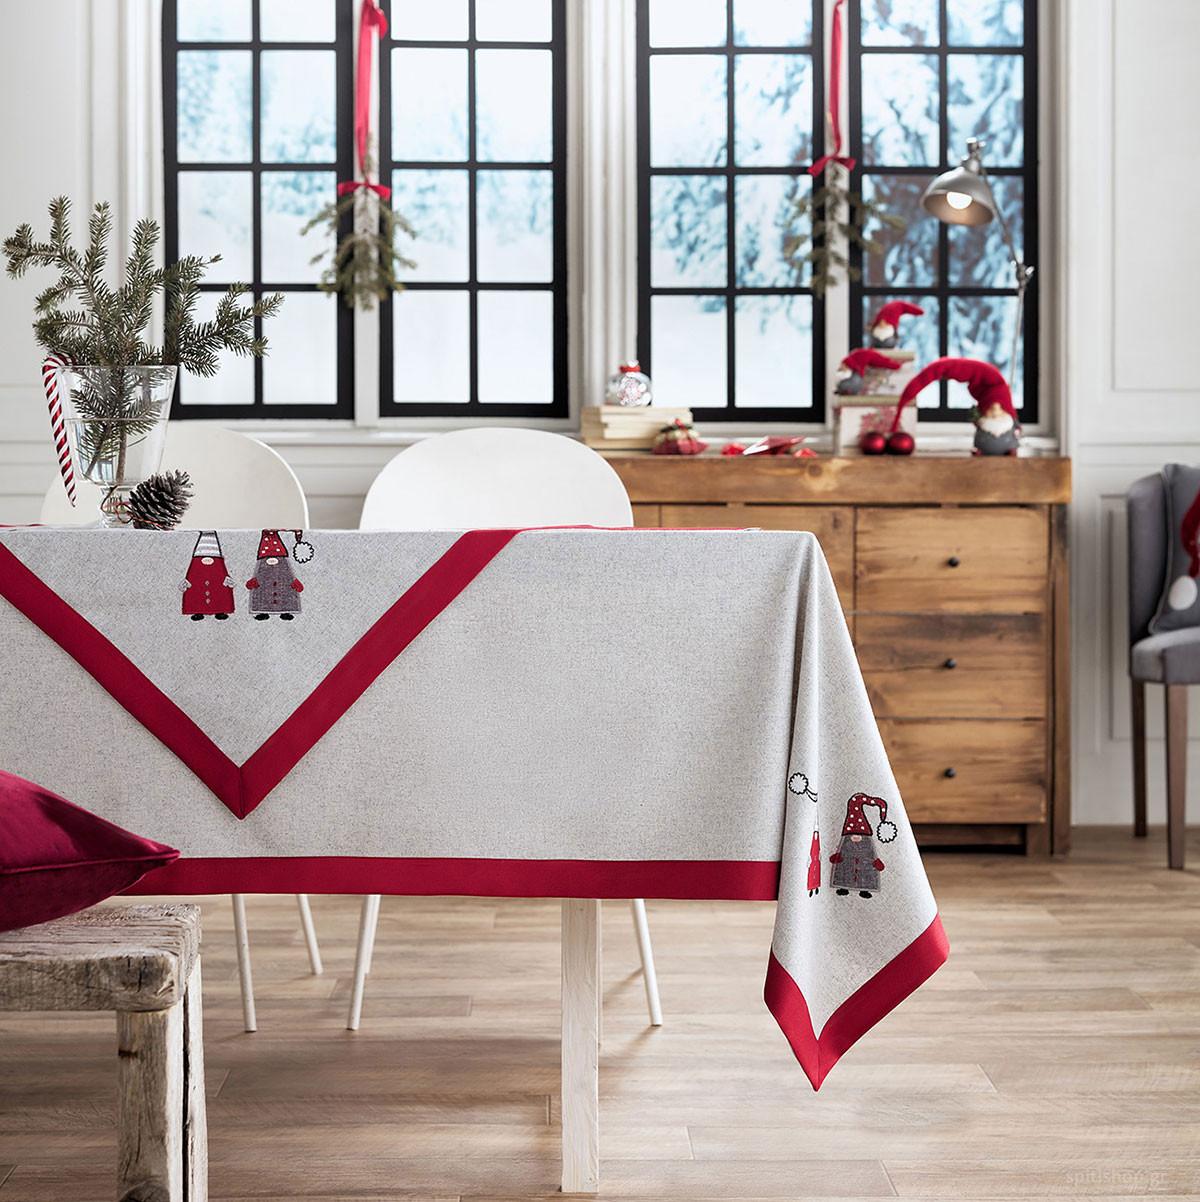 Χριστουγεννιάτικο Τραπεζομάντηλο (135×135) Gofis 833